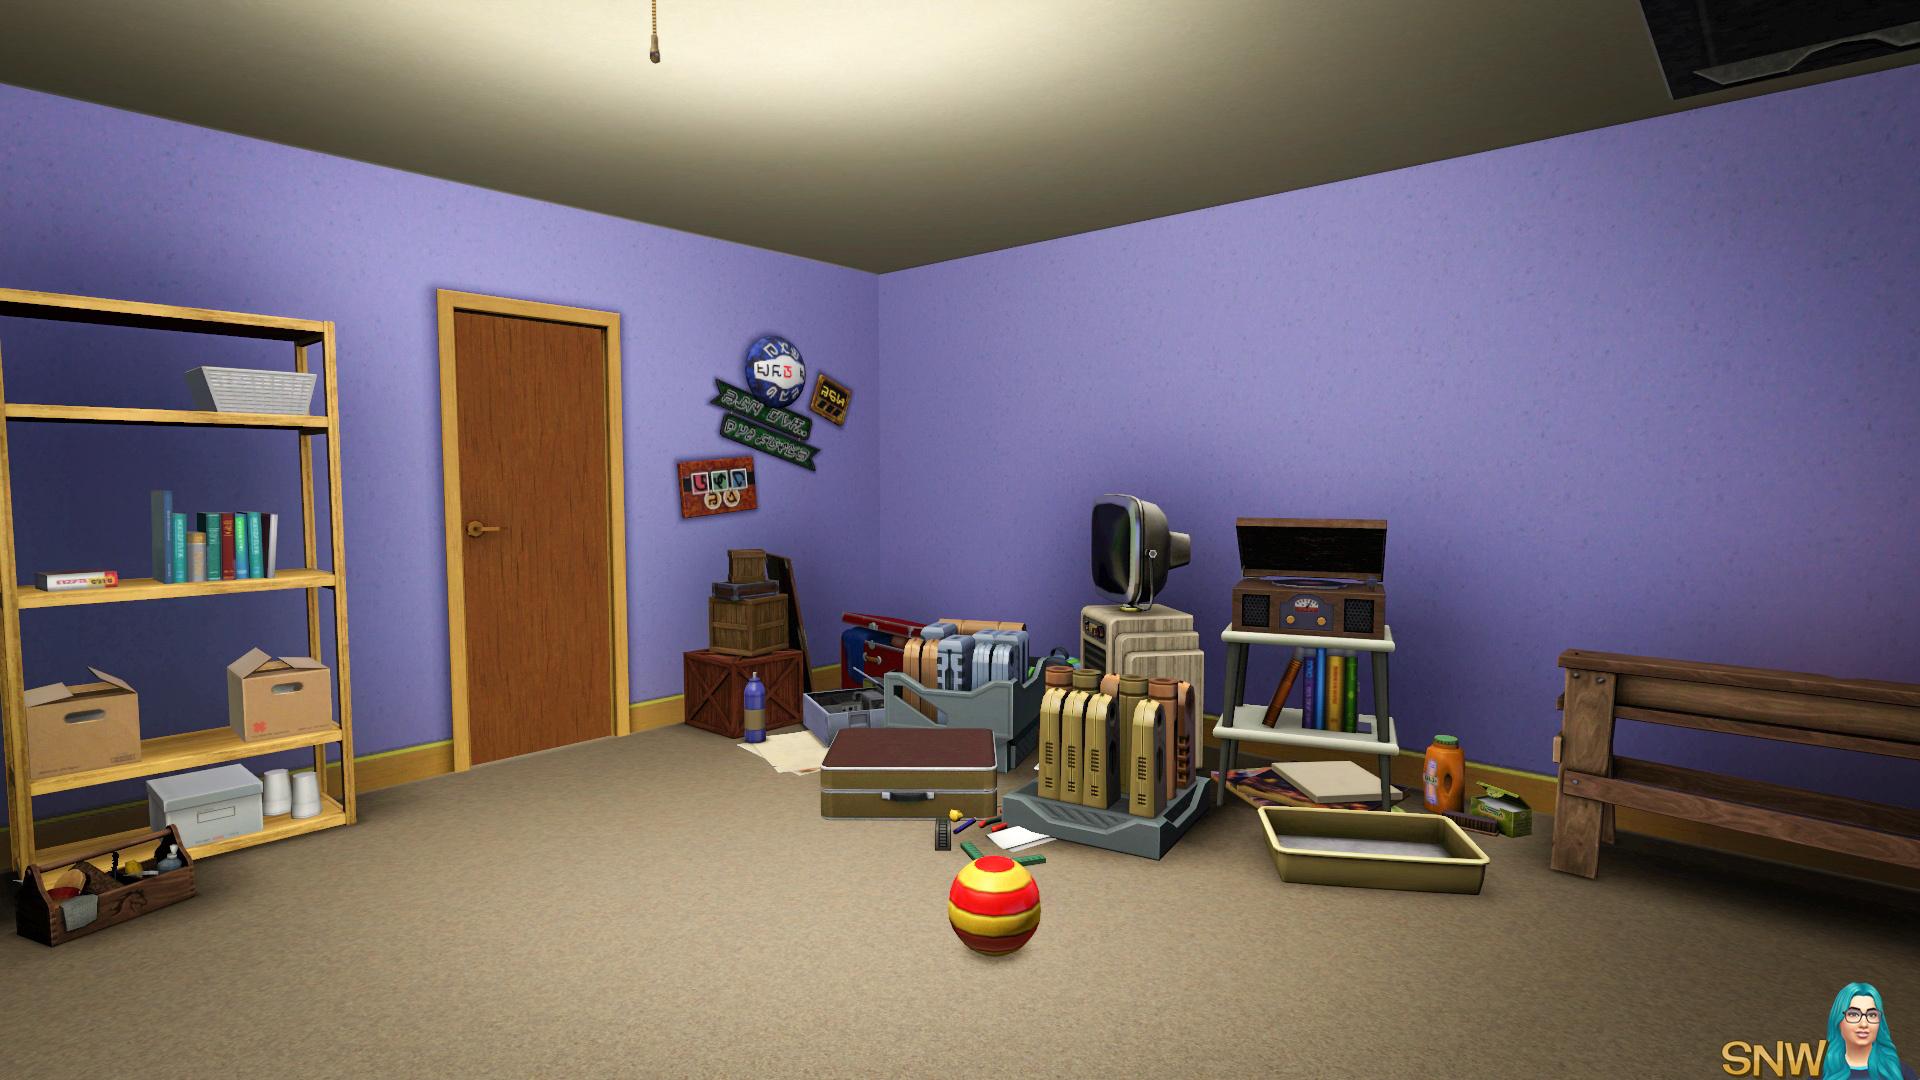 De Arbuckle Woning (Garfield's Huis)